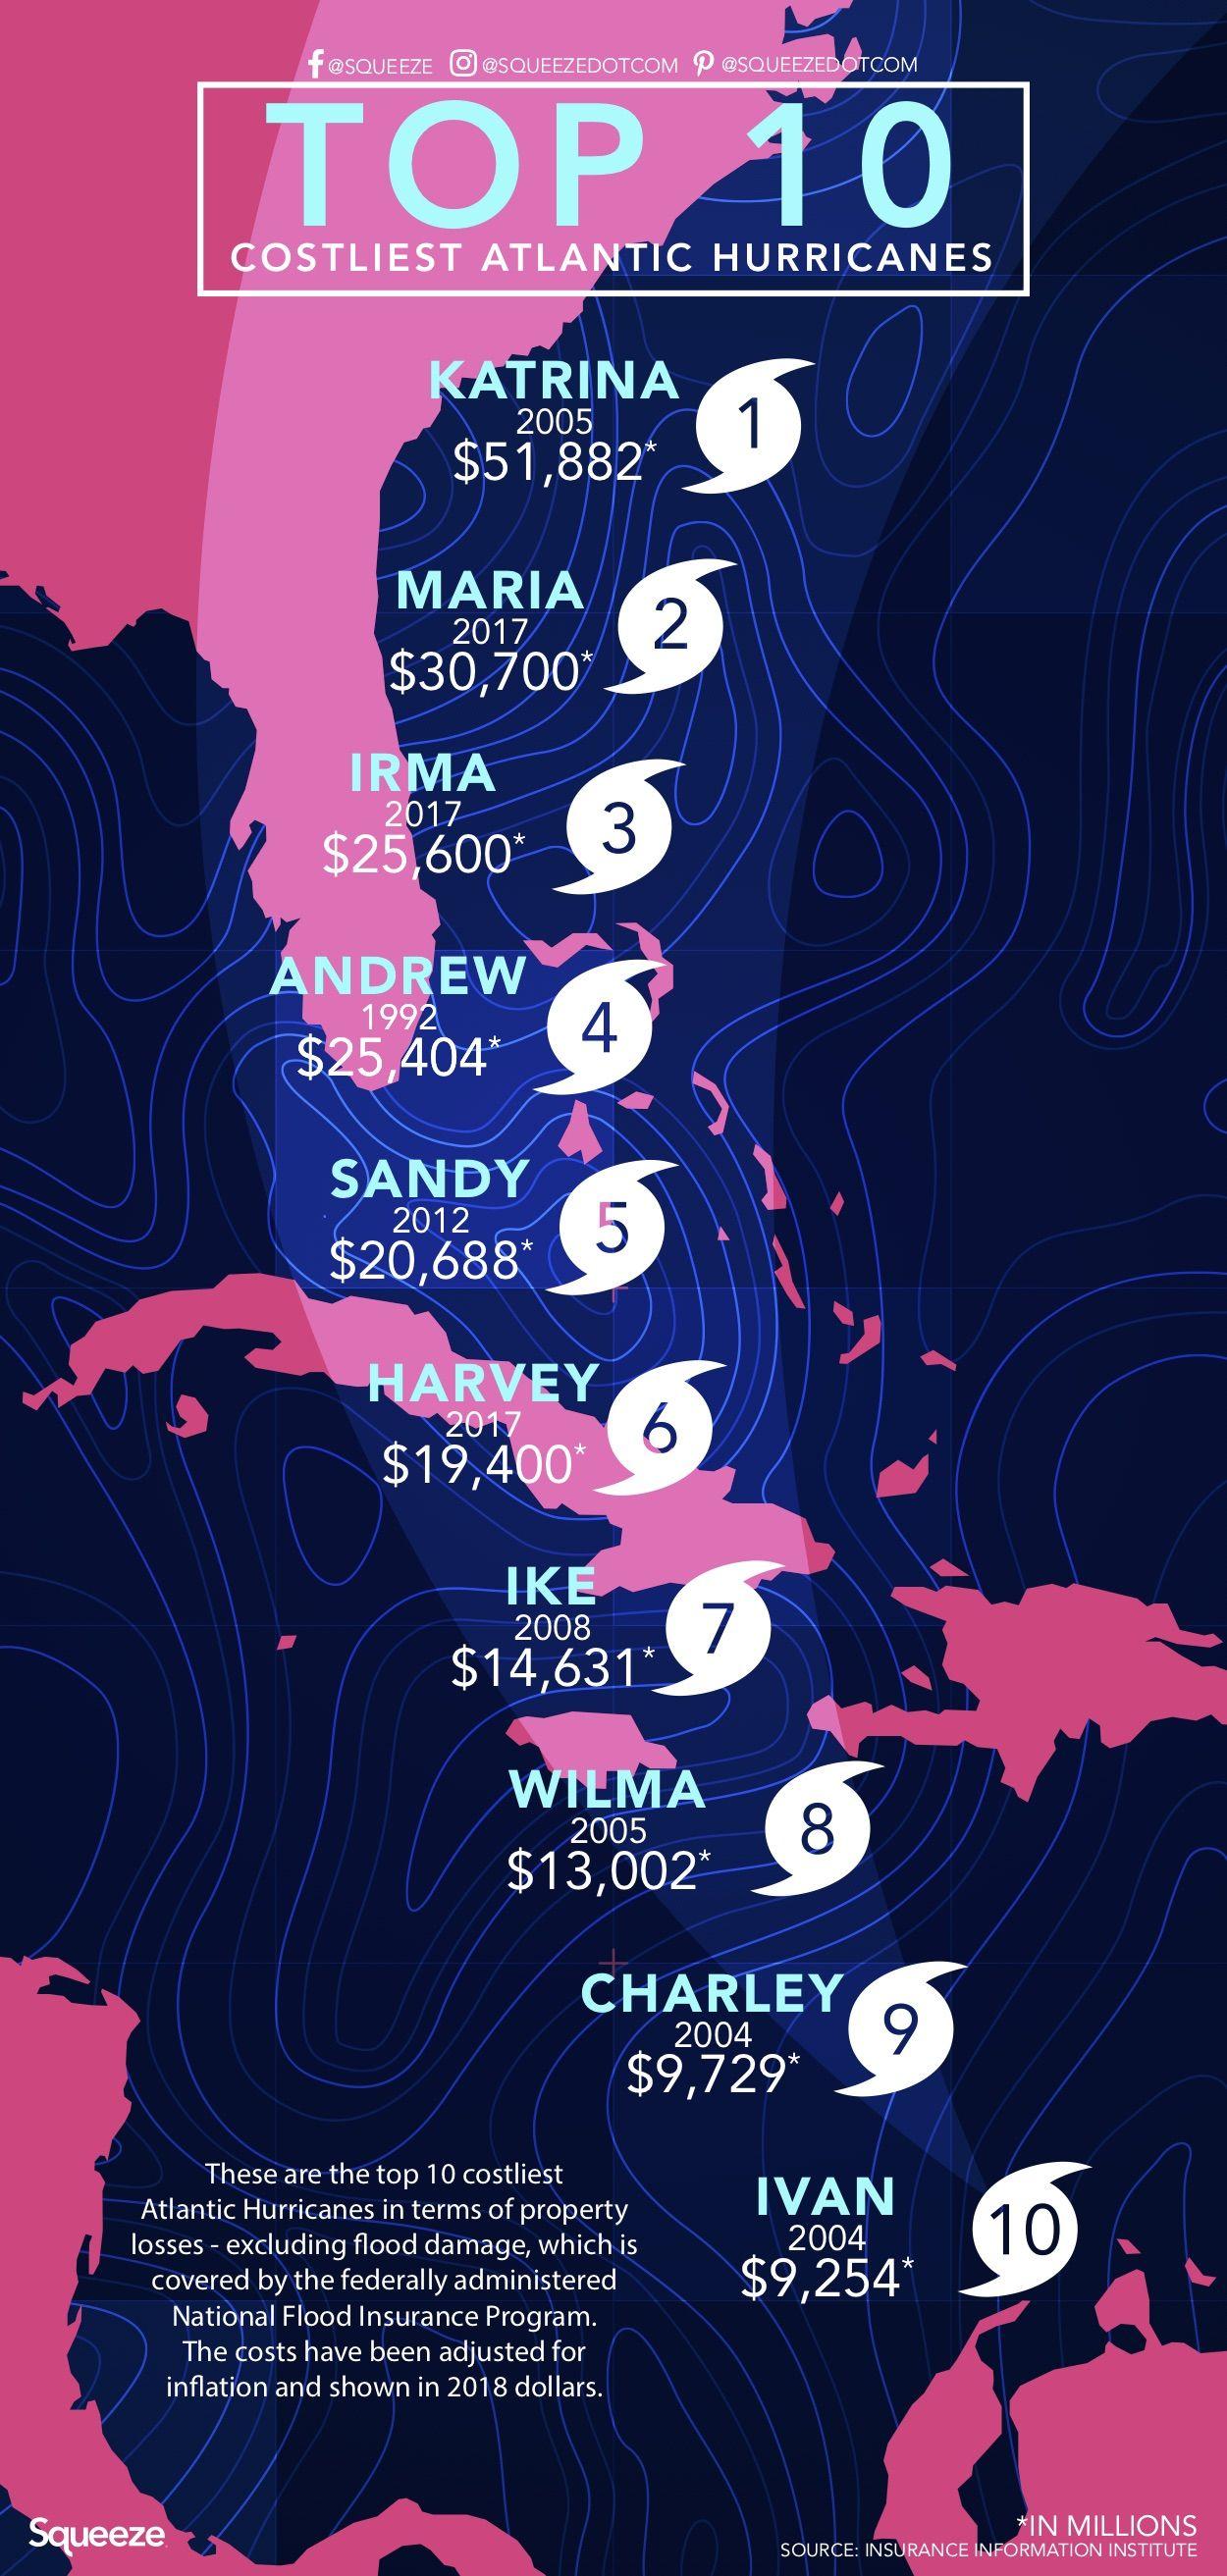 Top 10 Costliest Atlantic Hurricanes Atlantic Hurricane Hurricane Atlantic